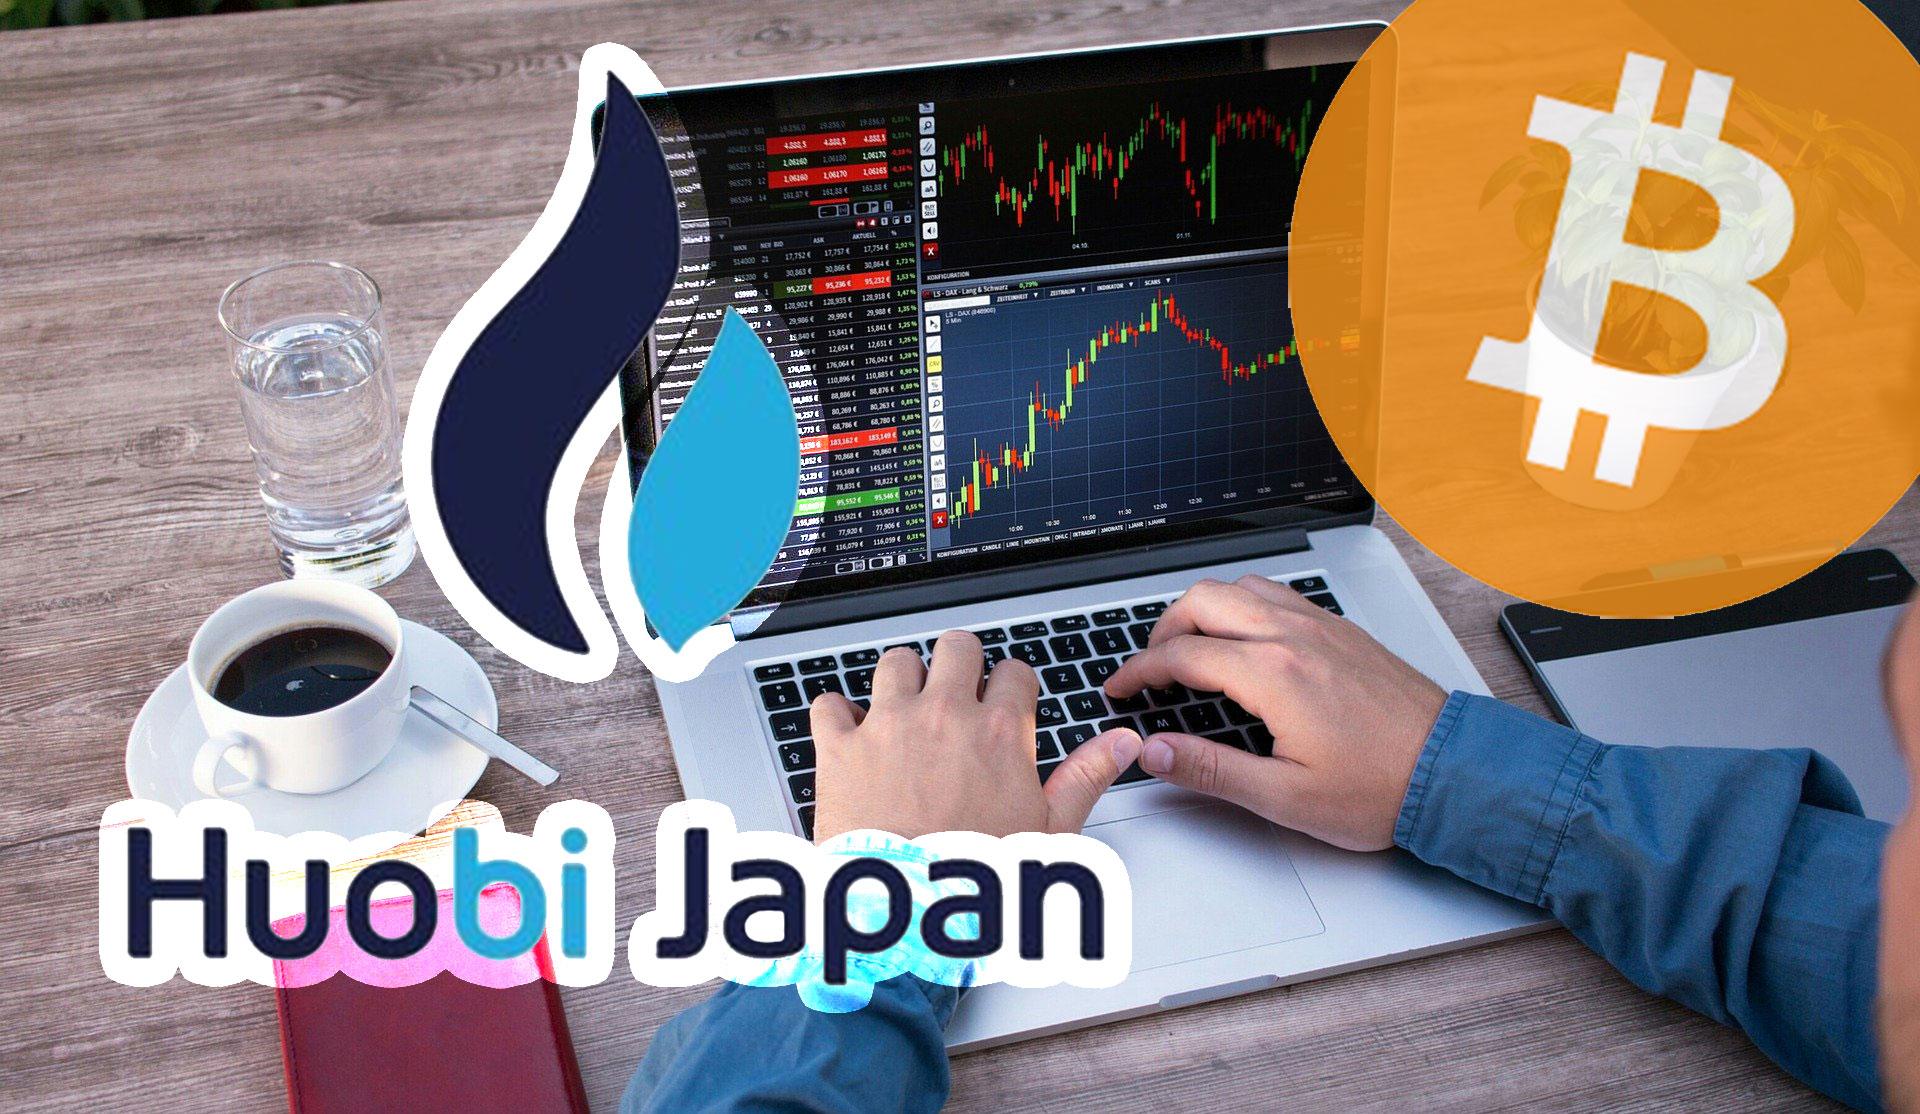 仮想通貨取引所フォビジャパン、仮想通貨証拠金取引サービスリリースへ!4月中旬予定